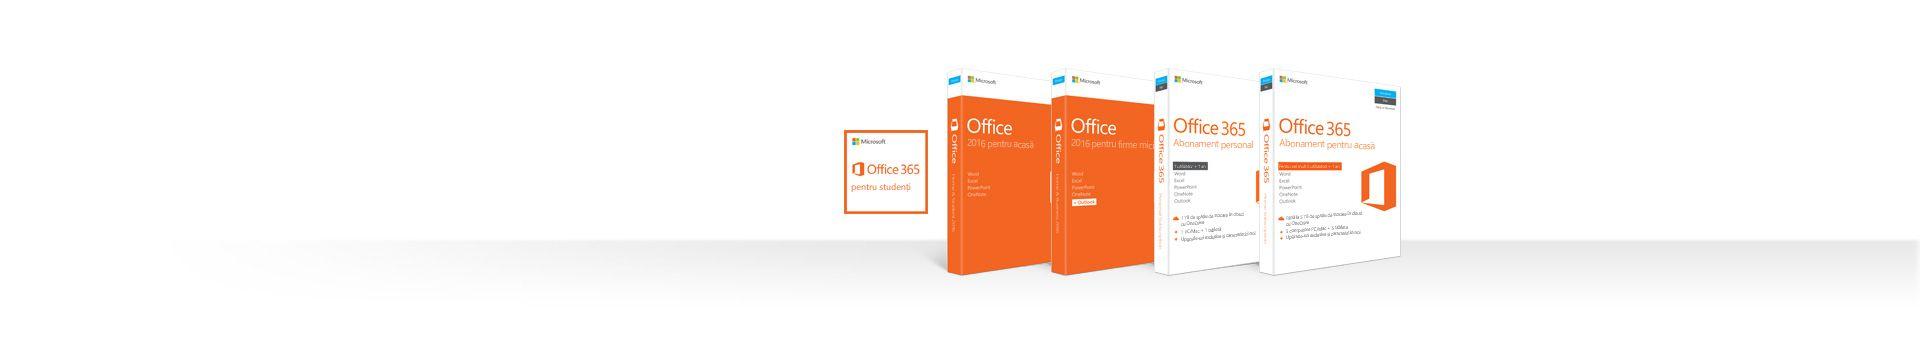 Un rând de casete de produse Office 2016 și Office 365 pentru Mac